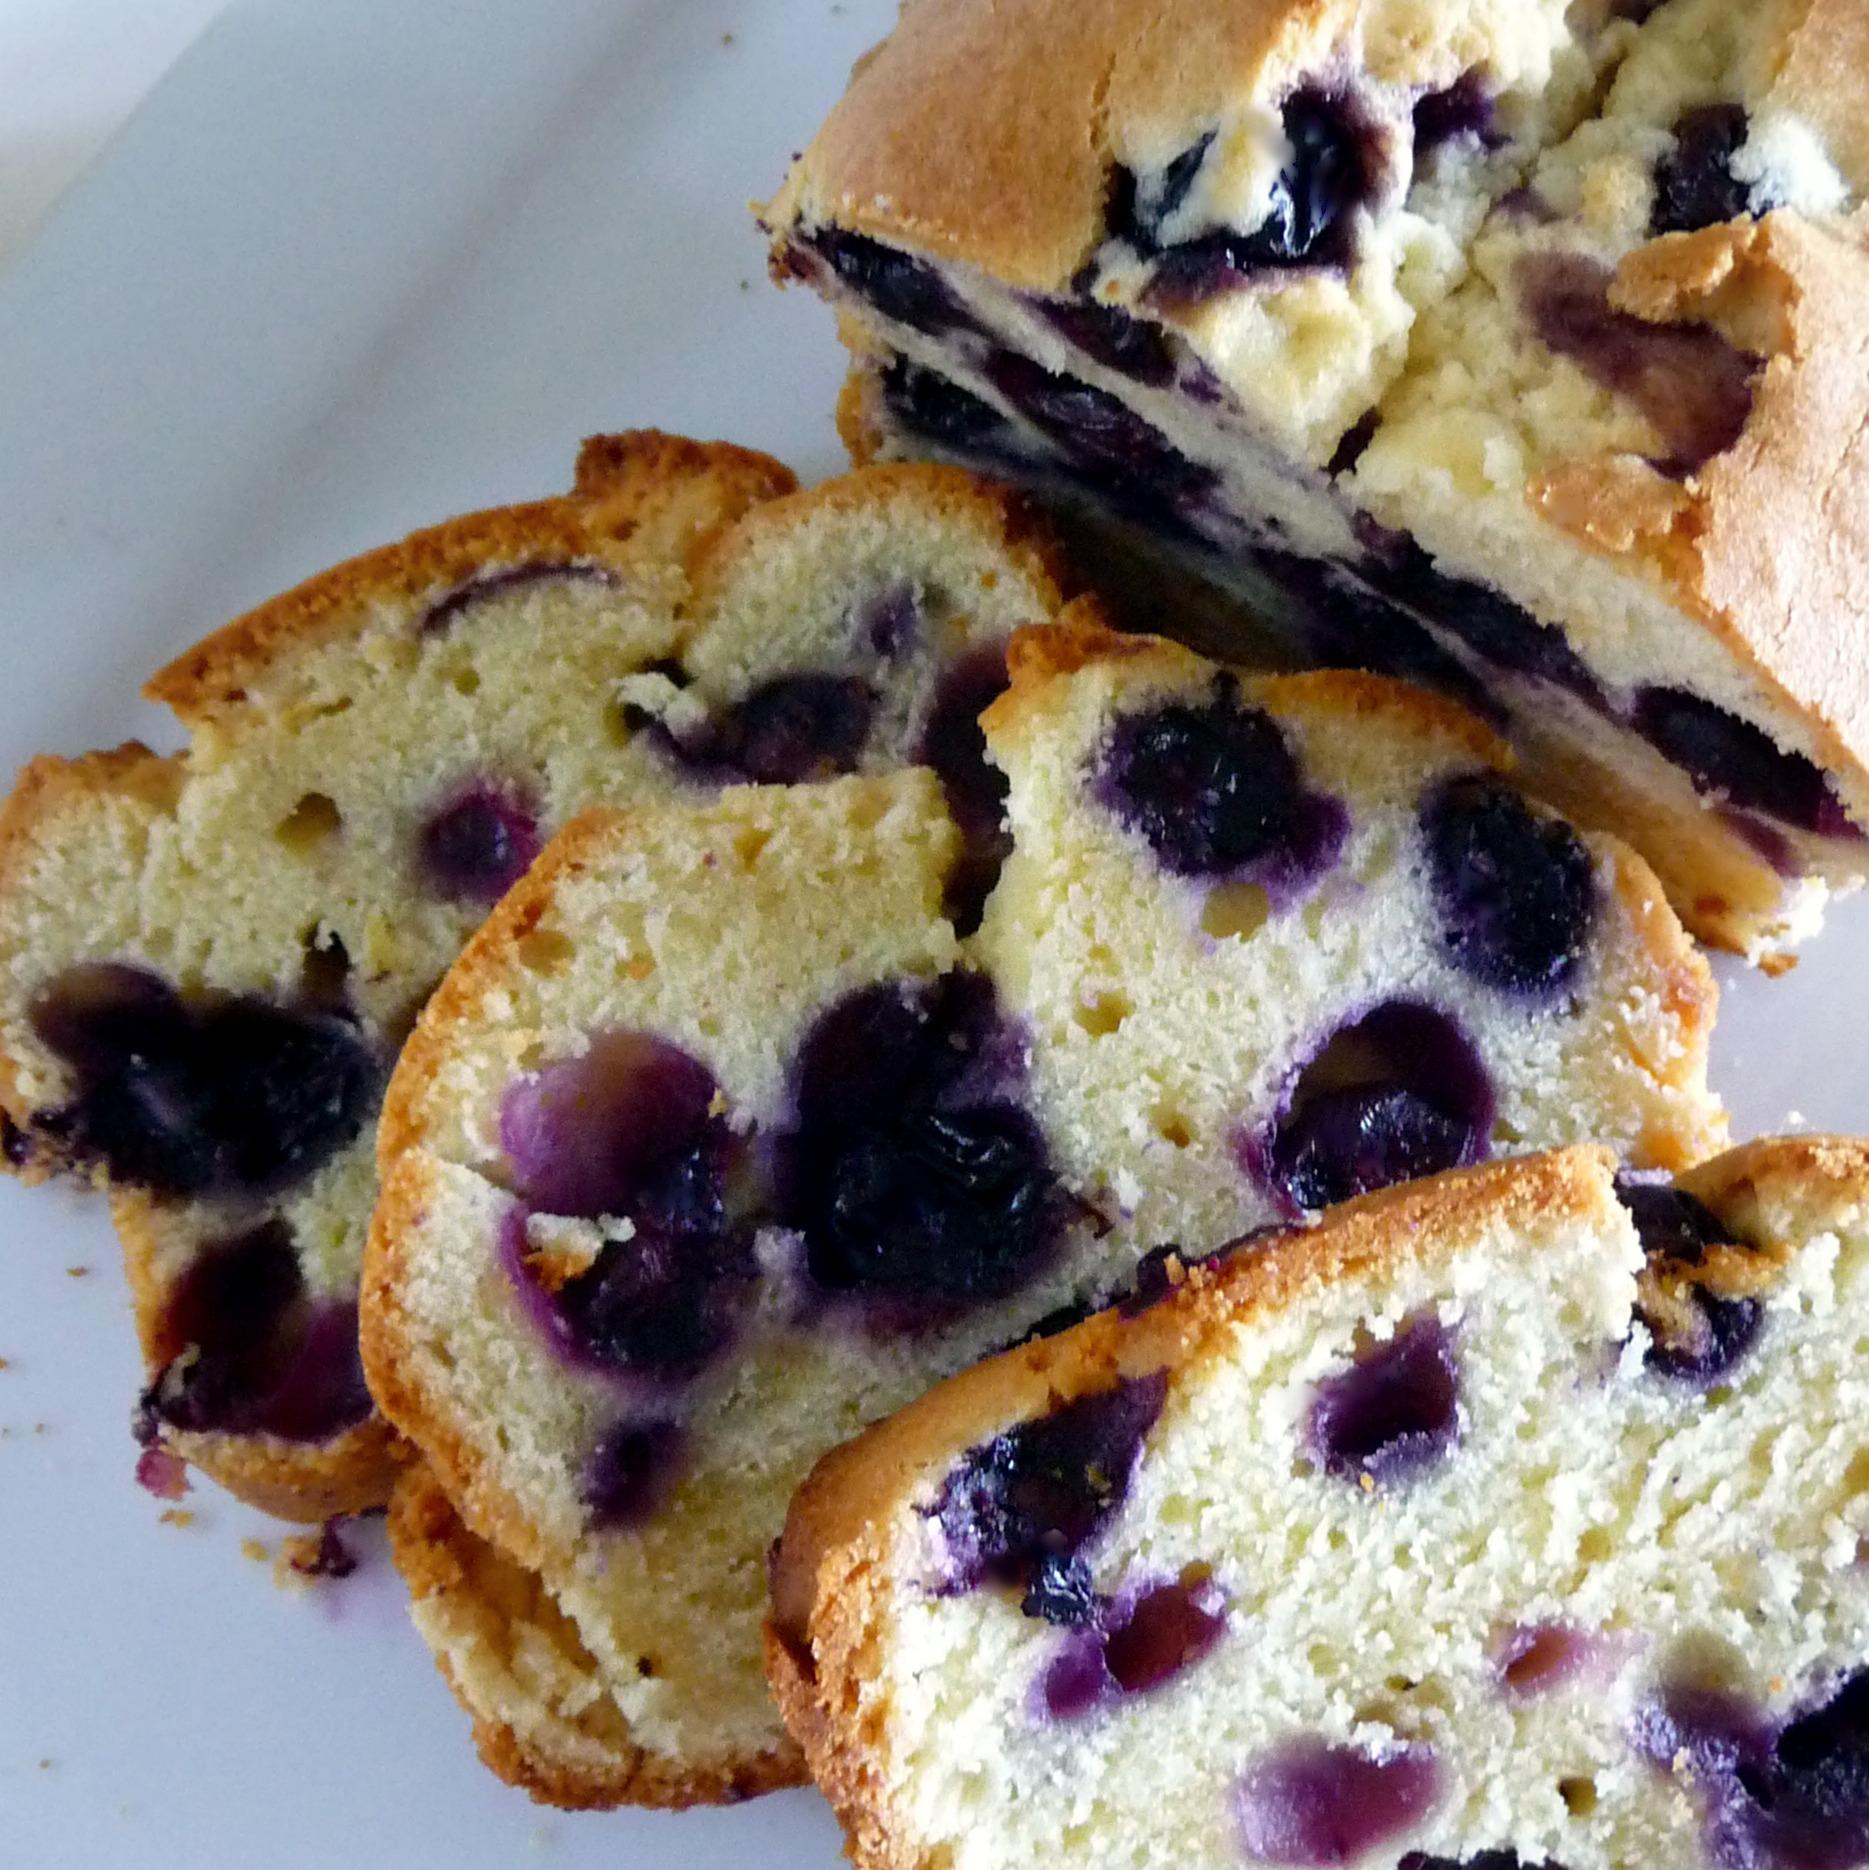 ... November 22, 2010 at 1869 × 1870 in Blueberry Lemon Pound Cake